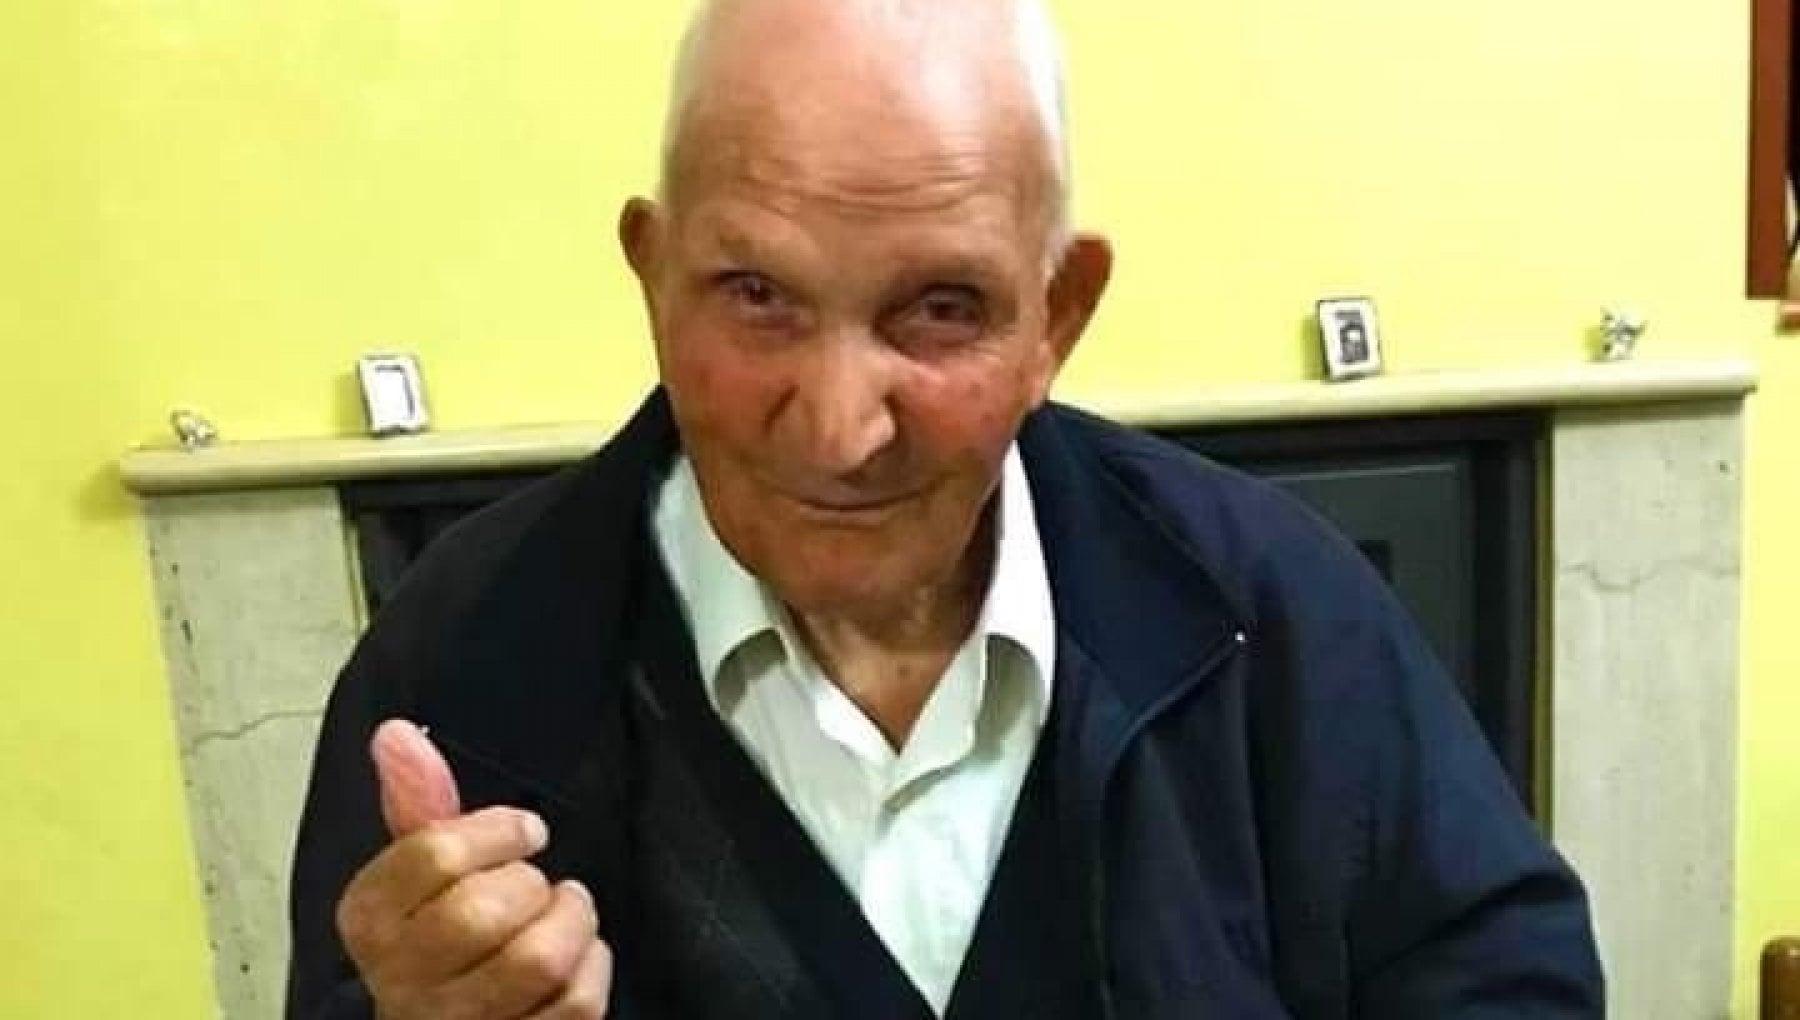 E morto a 111 anni zio Giovanni era luomo piu anziano dItalia